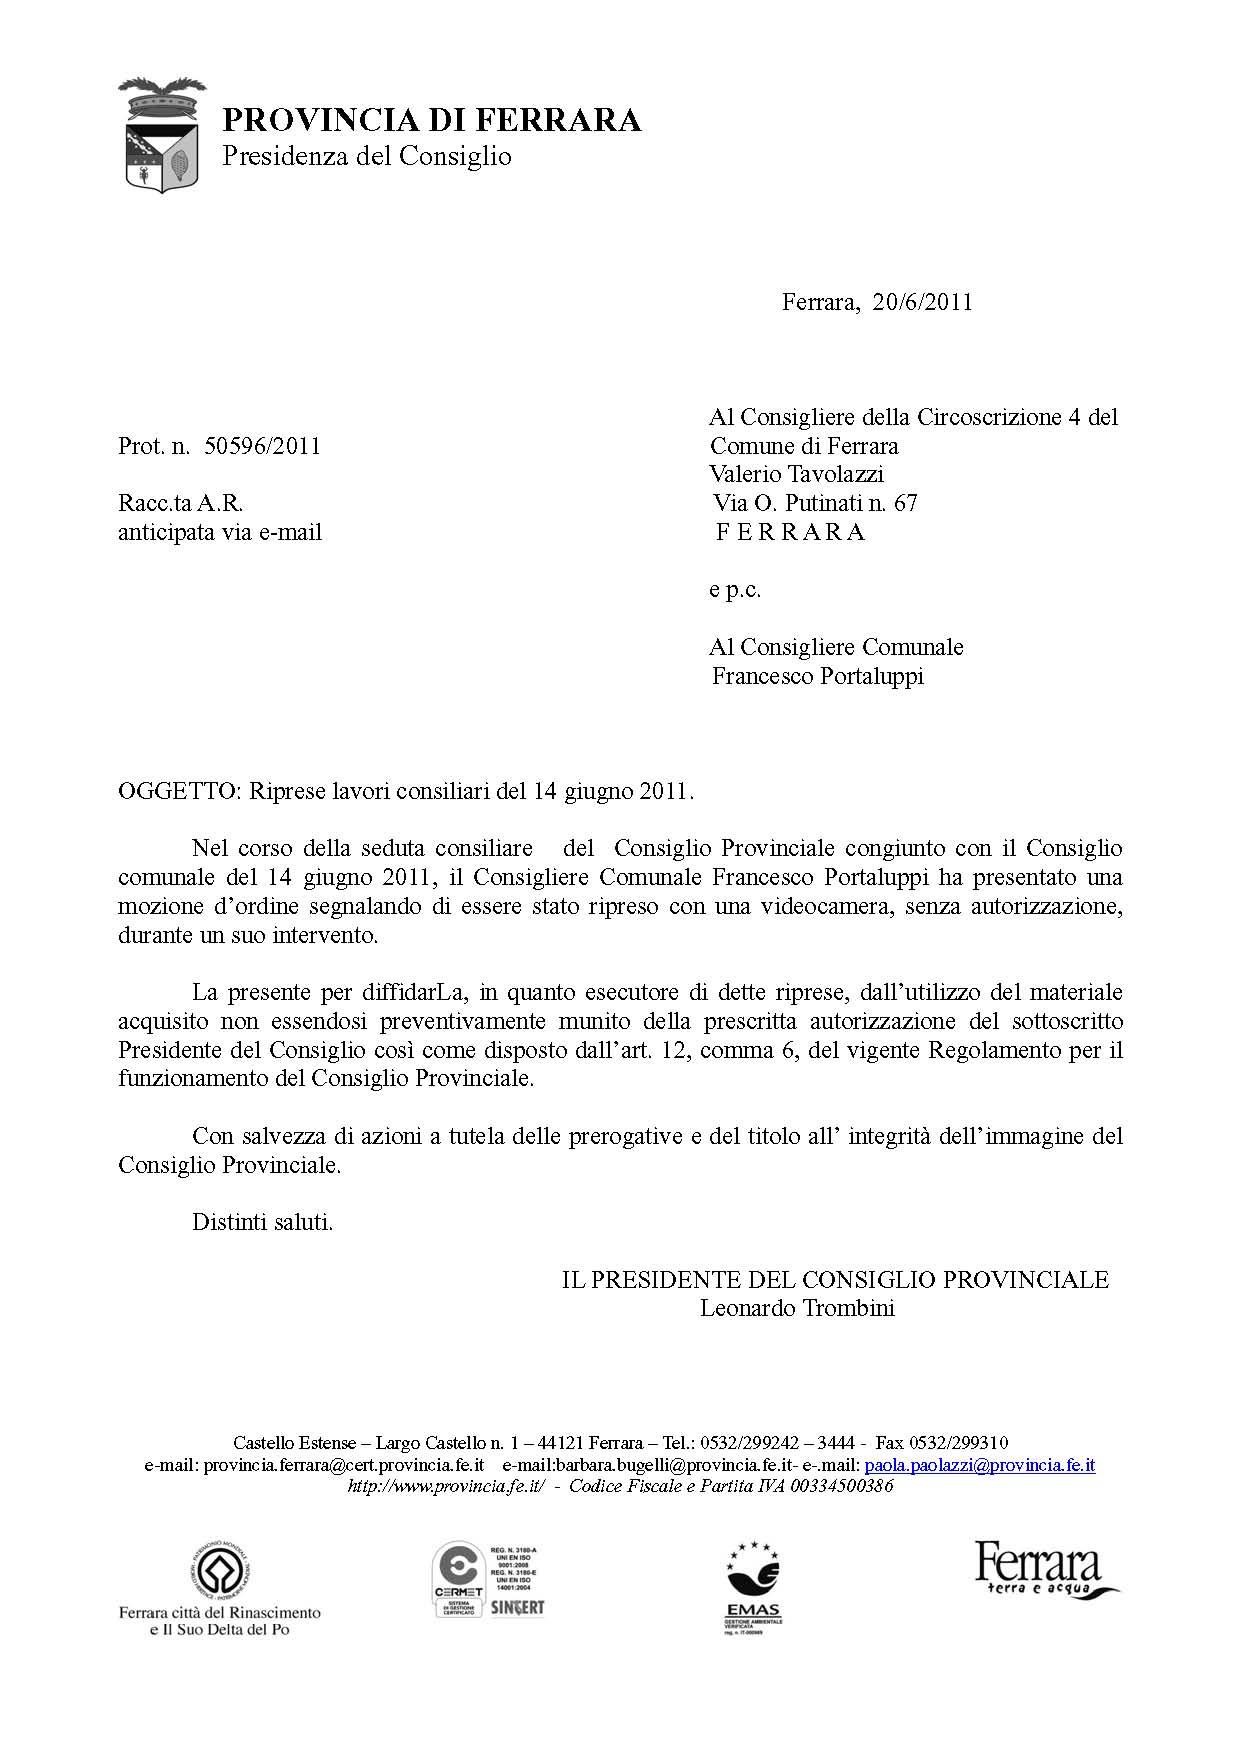 LETTERA A TAVOLAZZI – Provincia_Page_1